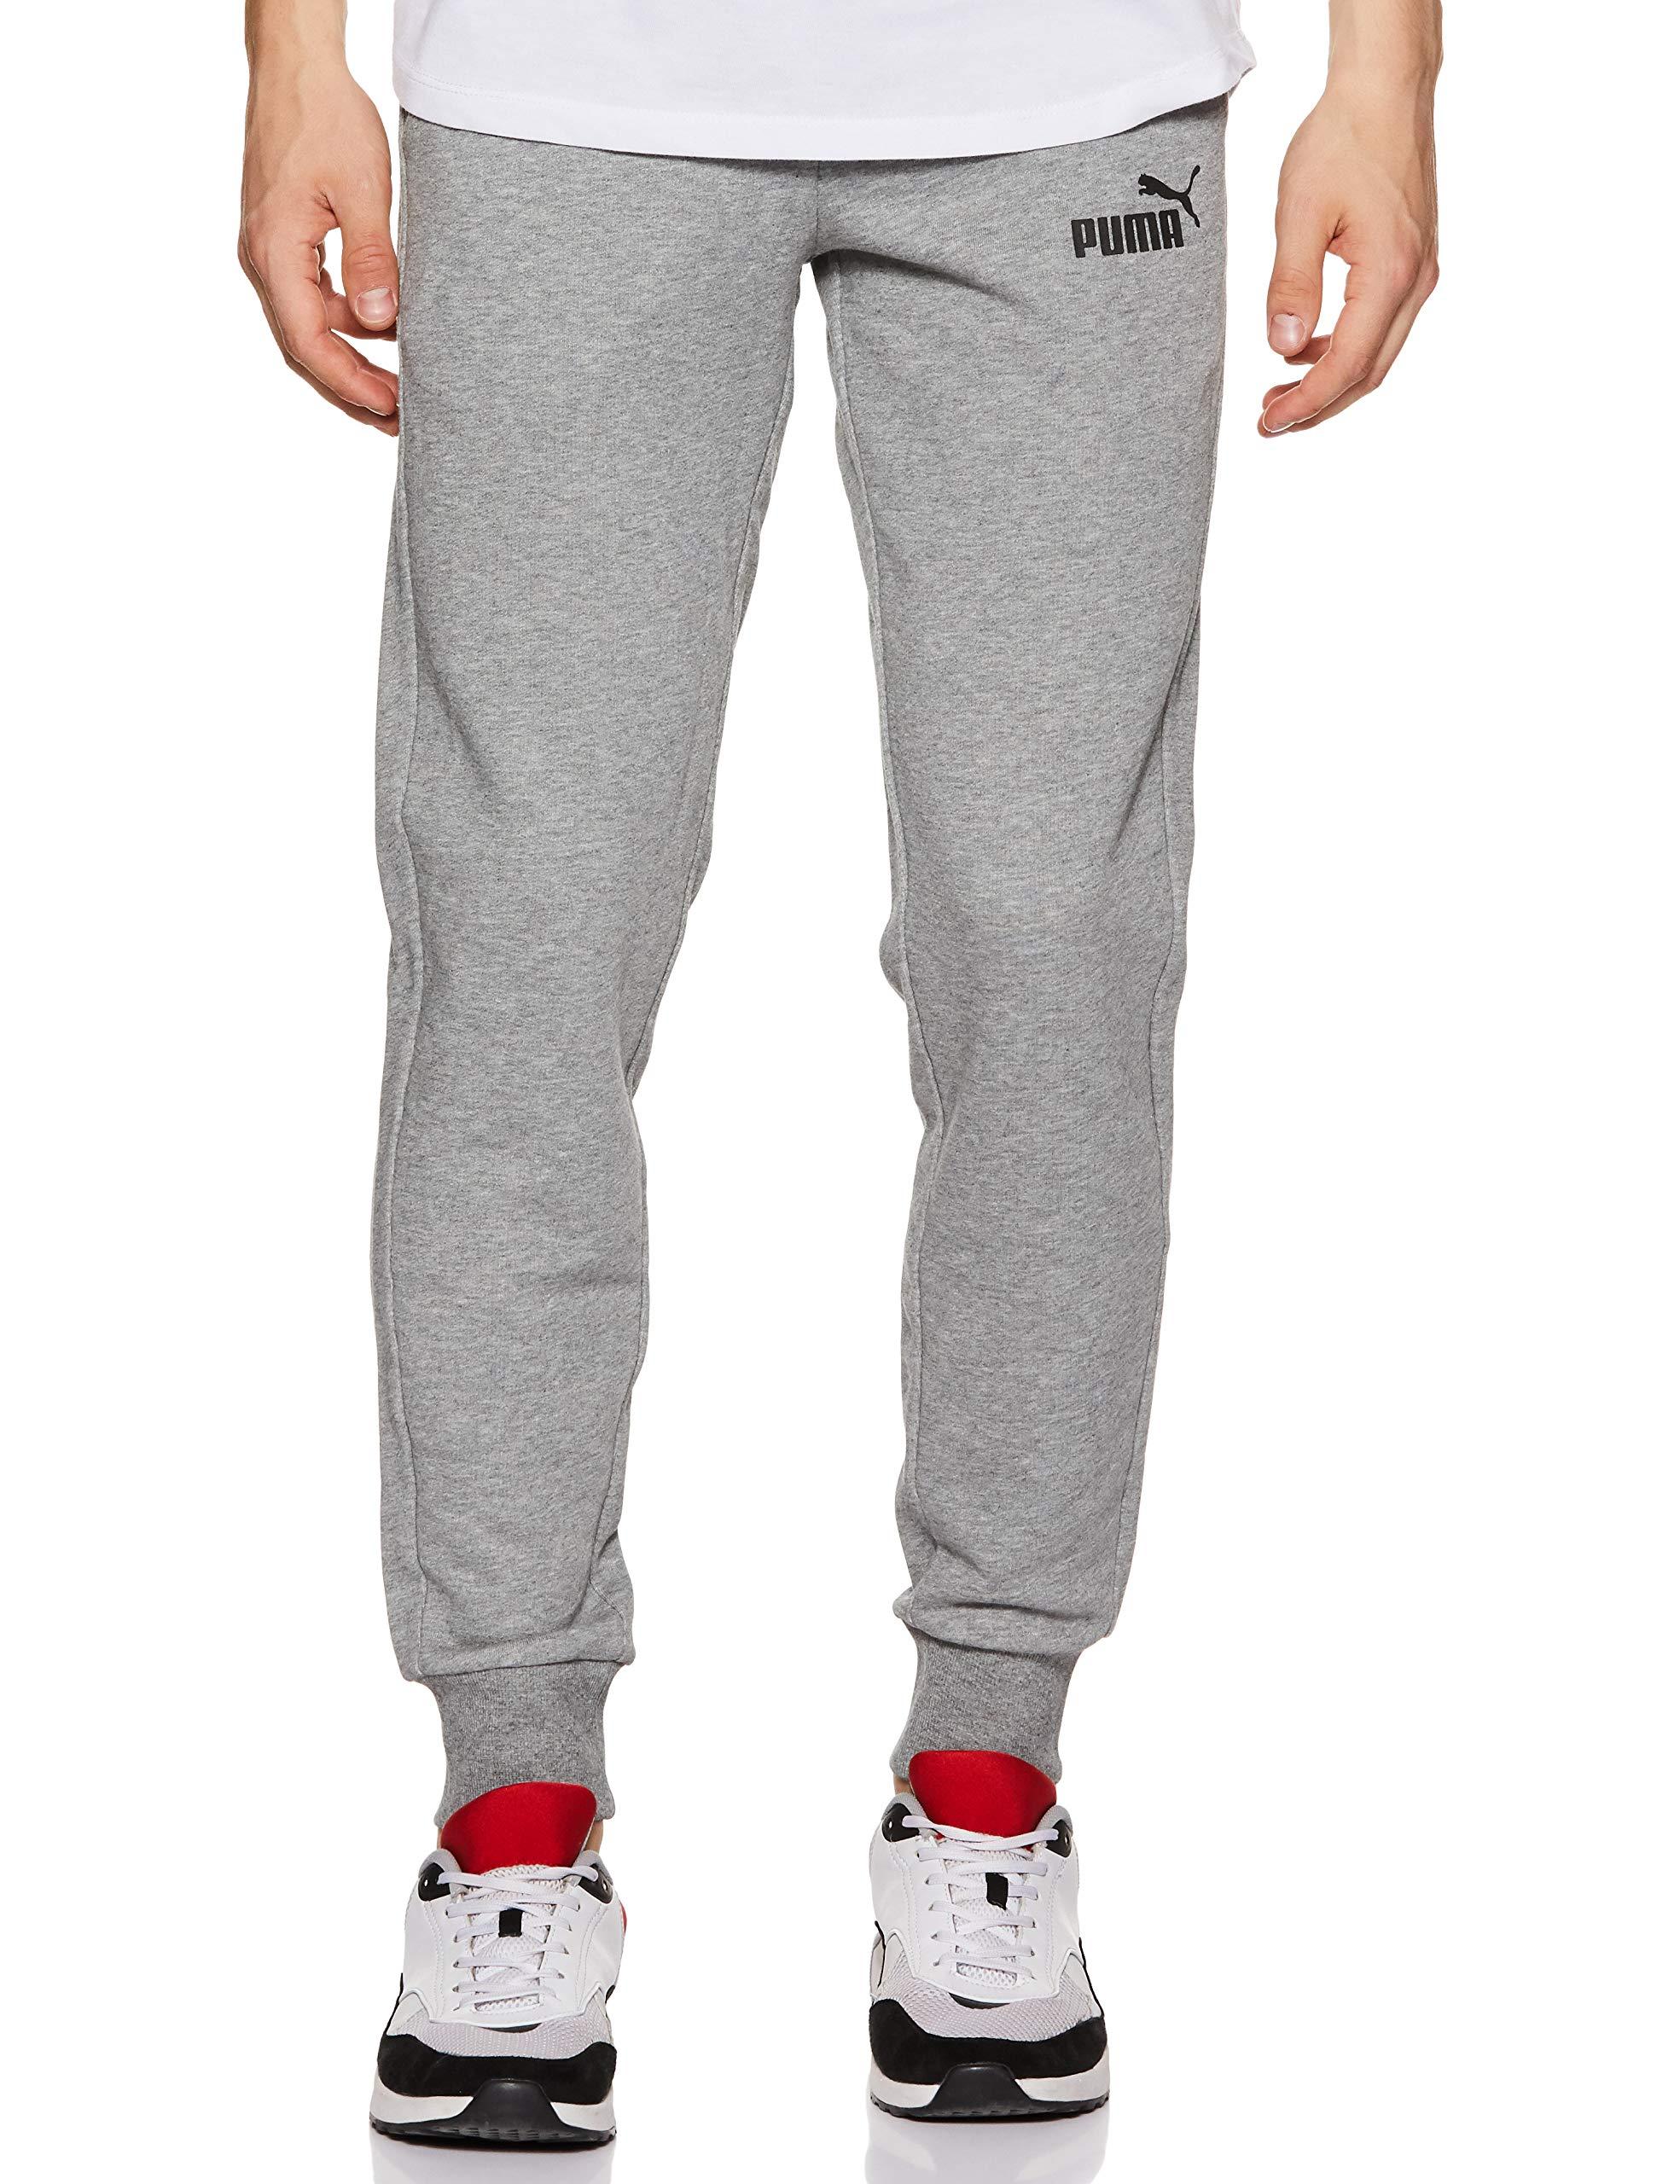 PUMA Essentials, Pantaloni Uomo 1 spesavip